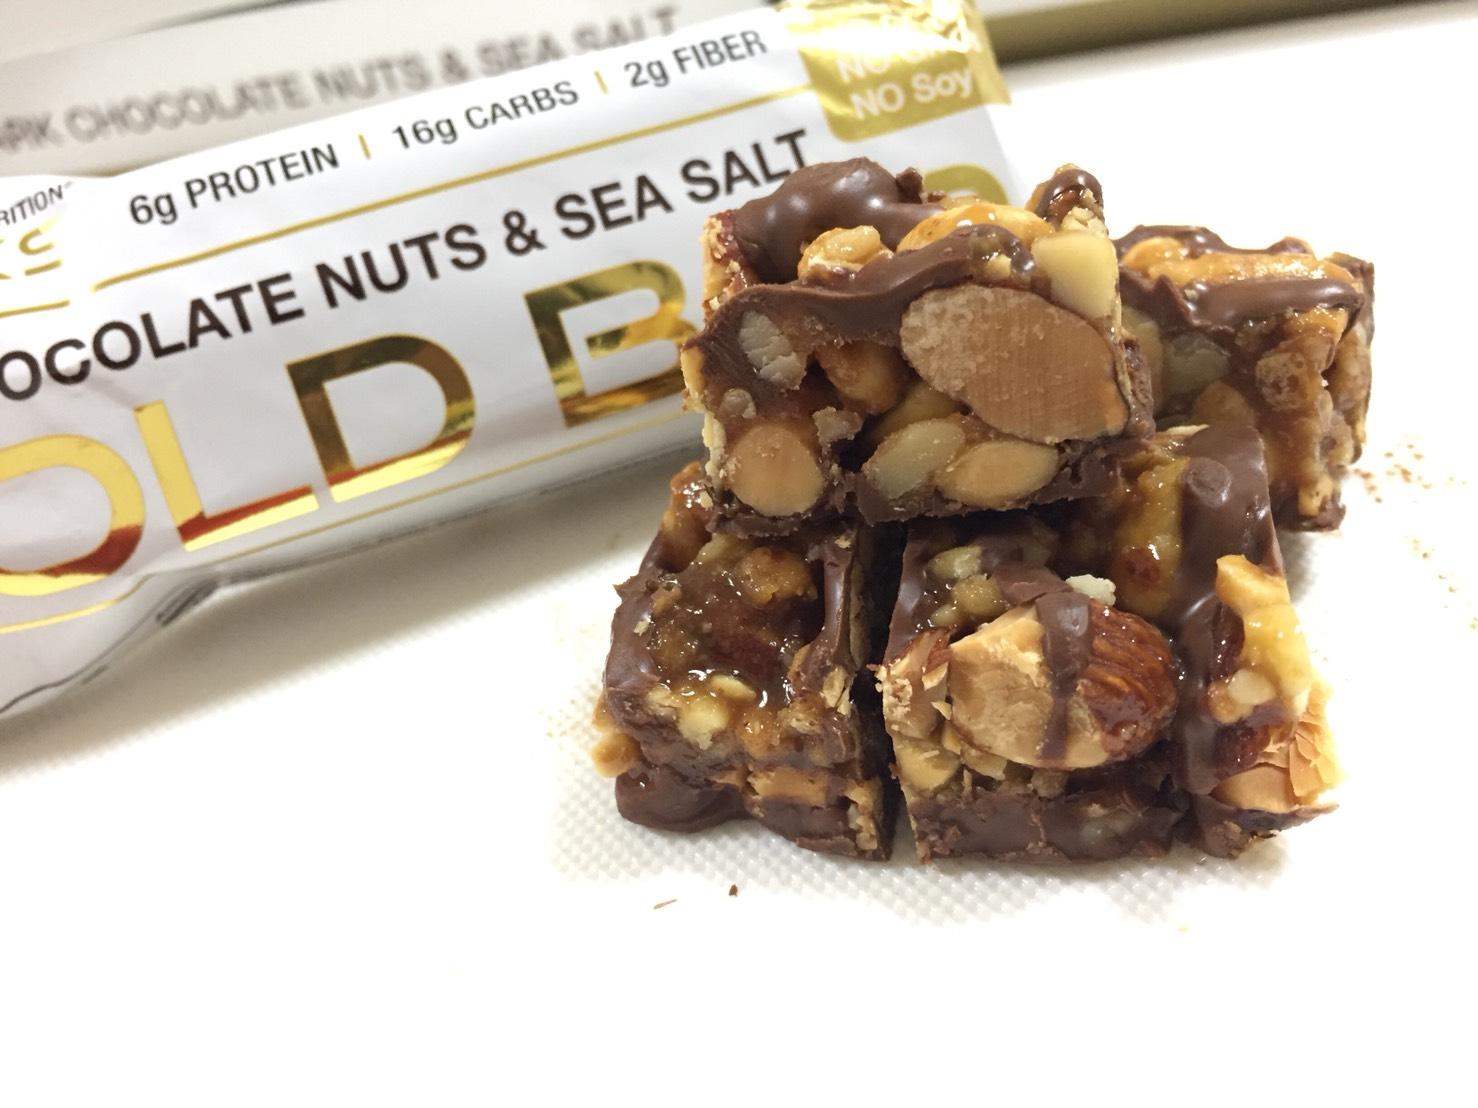 ダークチョコレートナッツ&シーソルト味の断面の様子